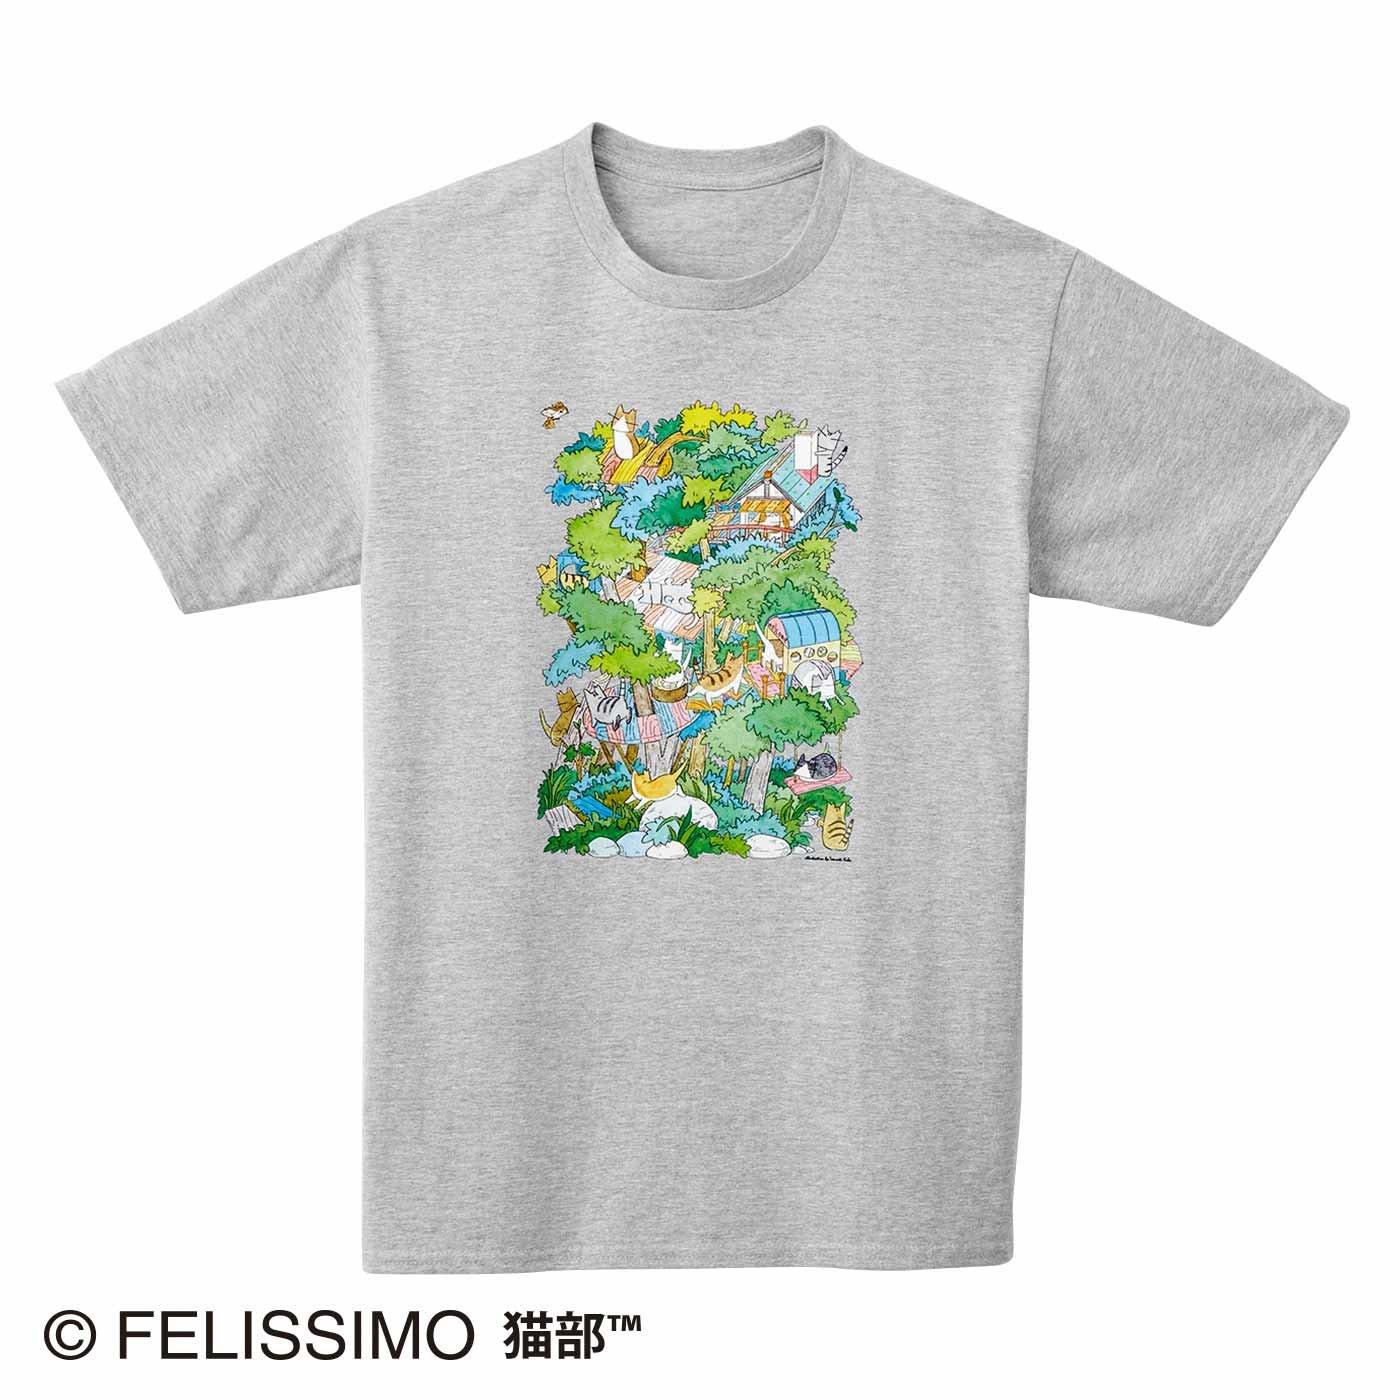 久保智昭×猫部 地域猫チャリティーTシャツ2021